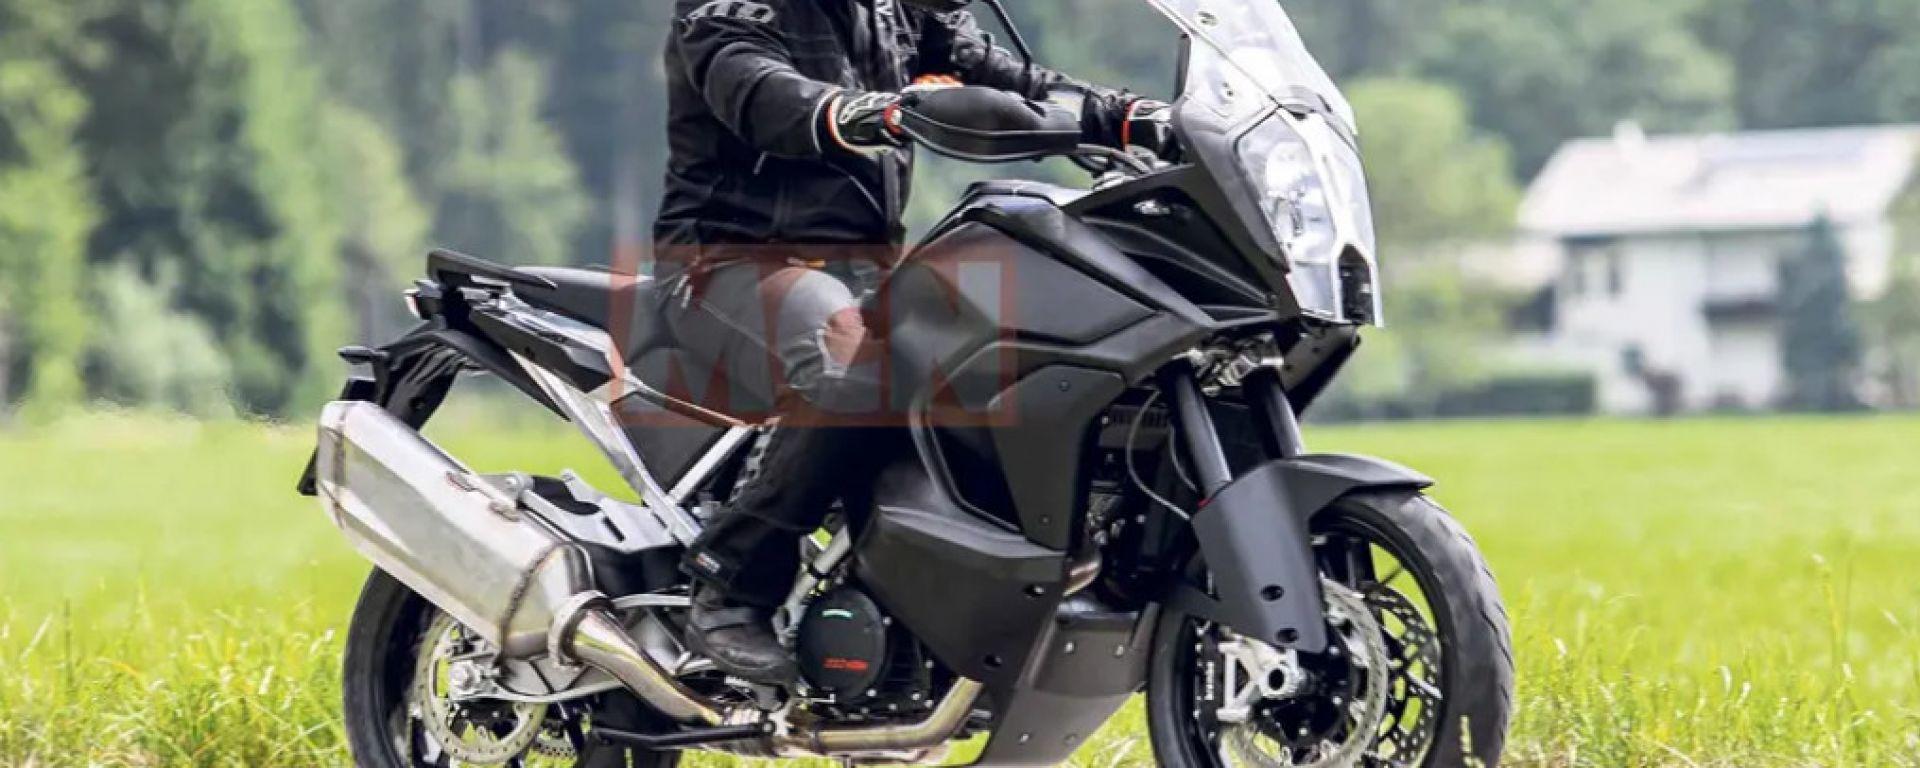 KTM 1290 Adventure 2020: le prime foto spia